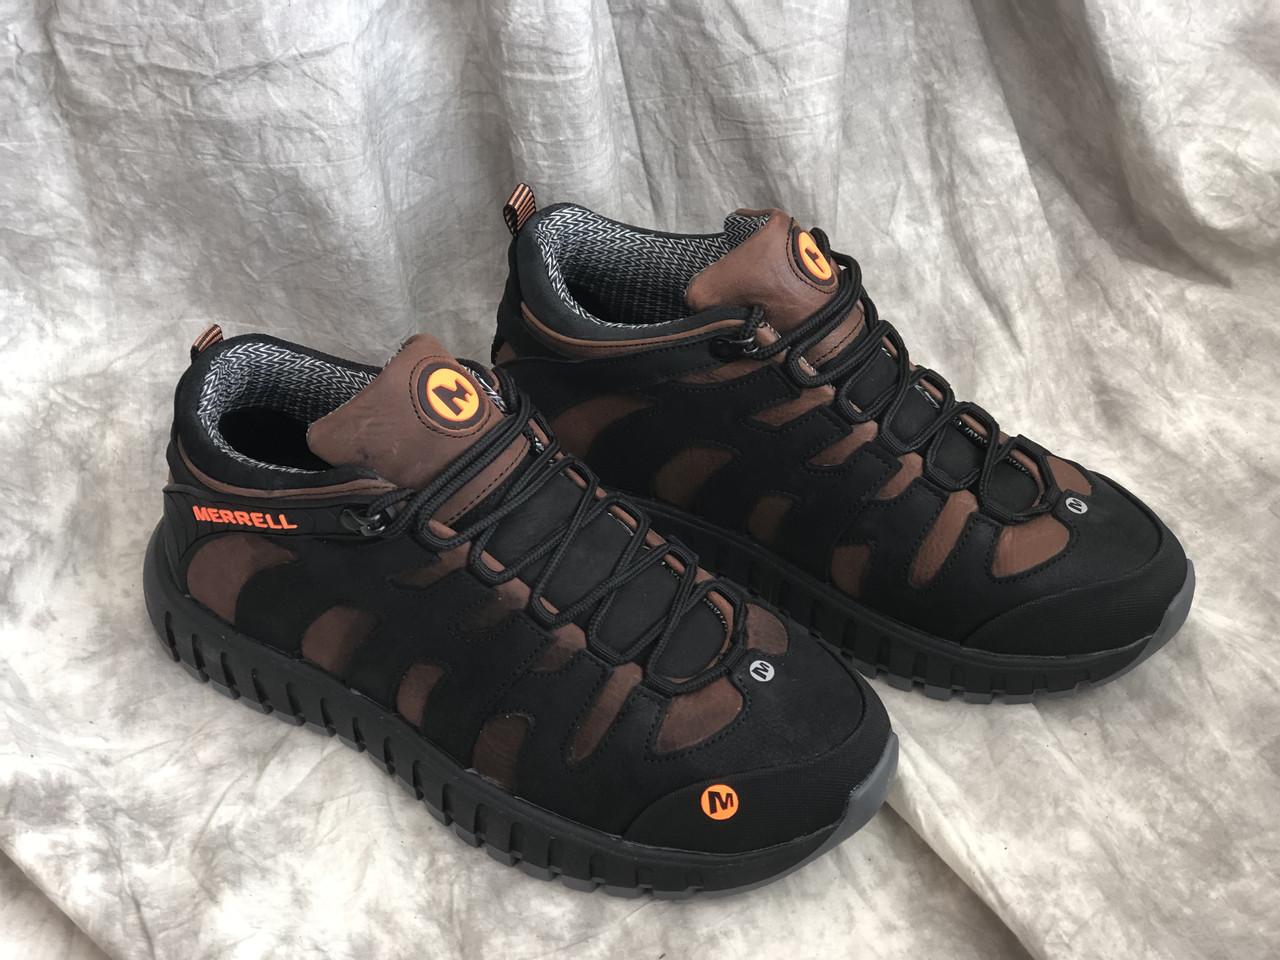 Кожаные мужские ботинки- кроссовки зима М - 9/2 кор размеры 40,41,42,43